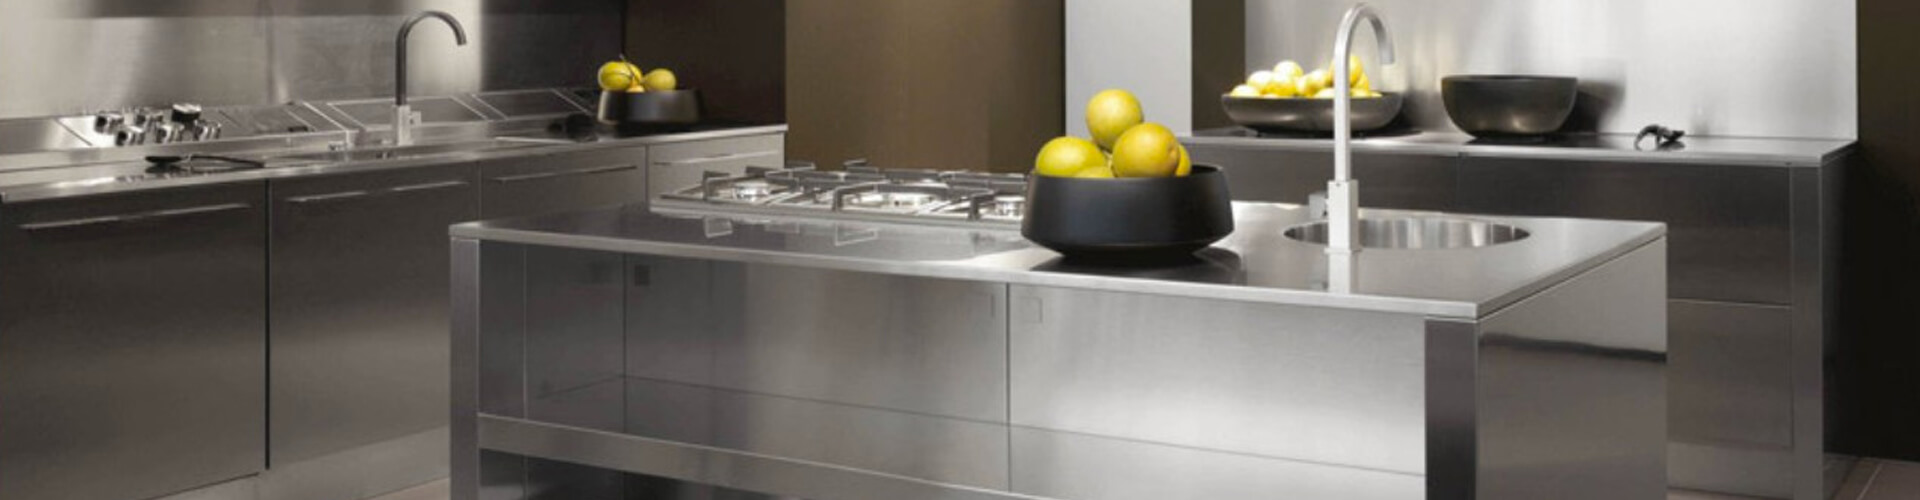 Dominox encimeras de cocina de acero inoxidable - Encimeras de acero ...